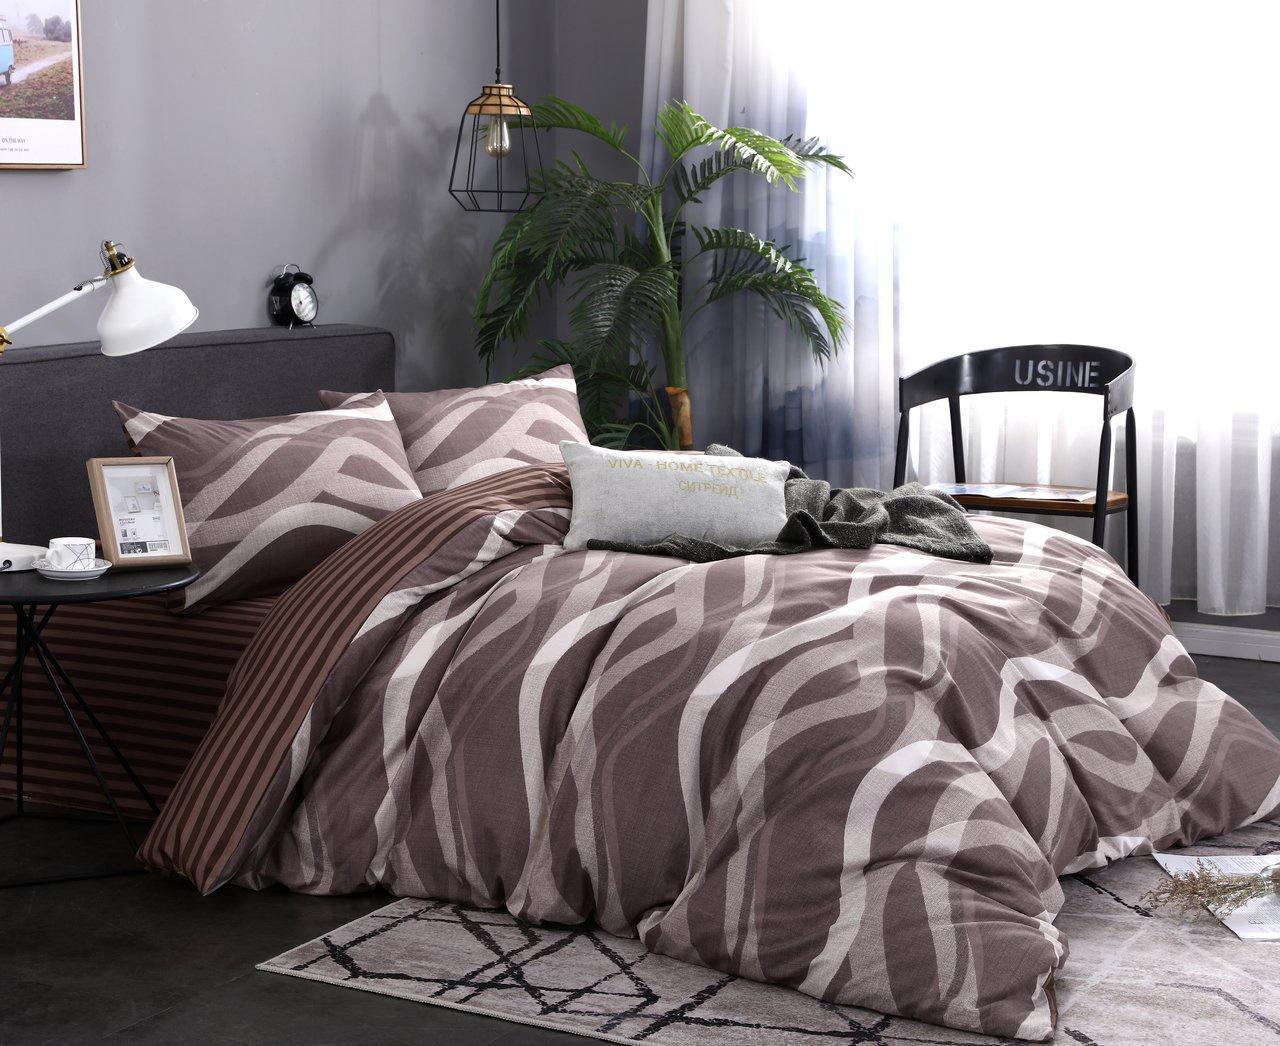 Комплект постельного белья Сатин подарочный AC061 Cитрейд 1.5 спальный, наволочки 50-70 2 шт елка канадская 150 см 342 ветки 1 шт в упаковке 2